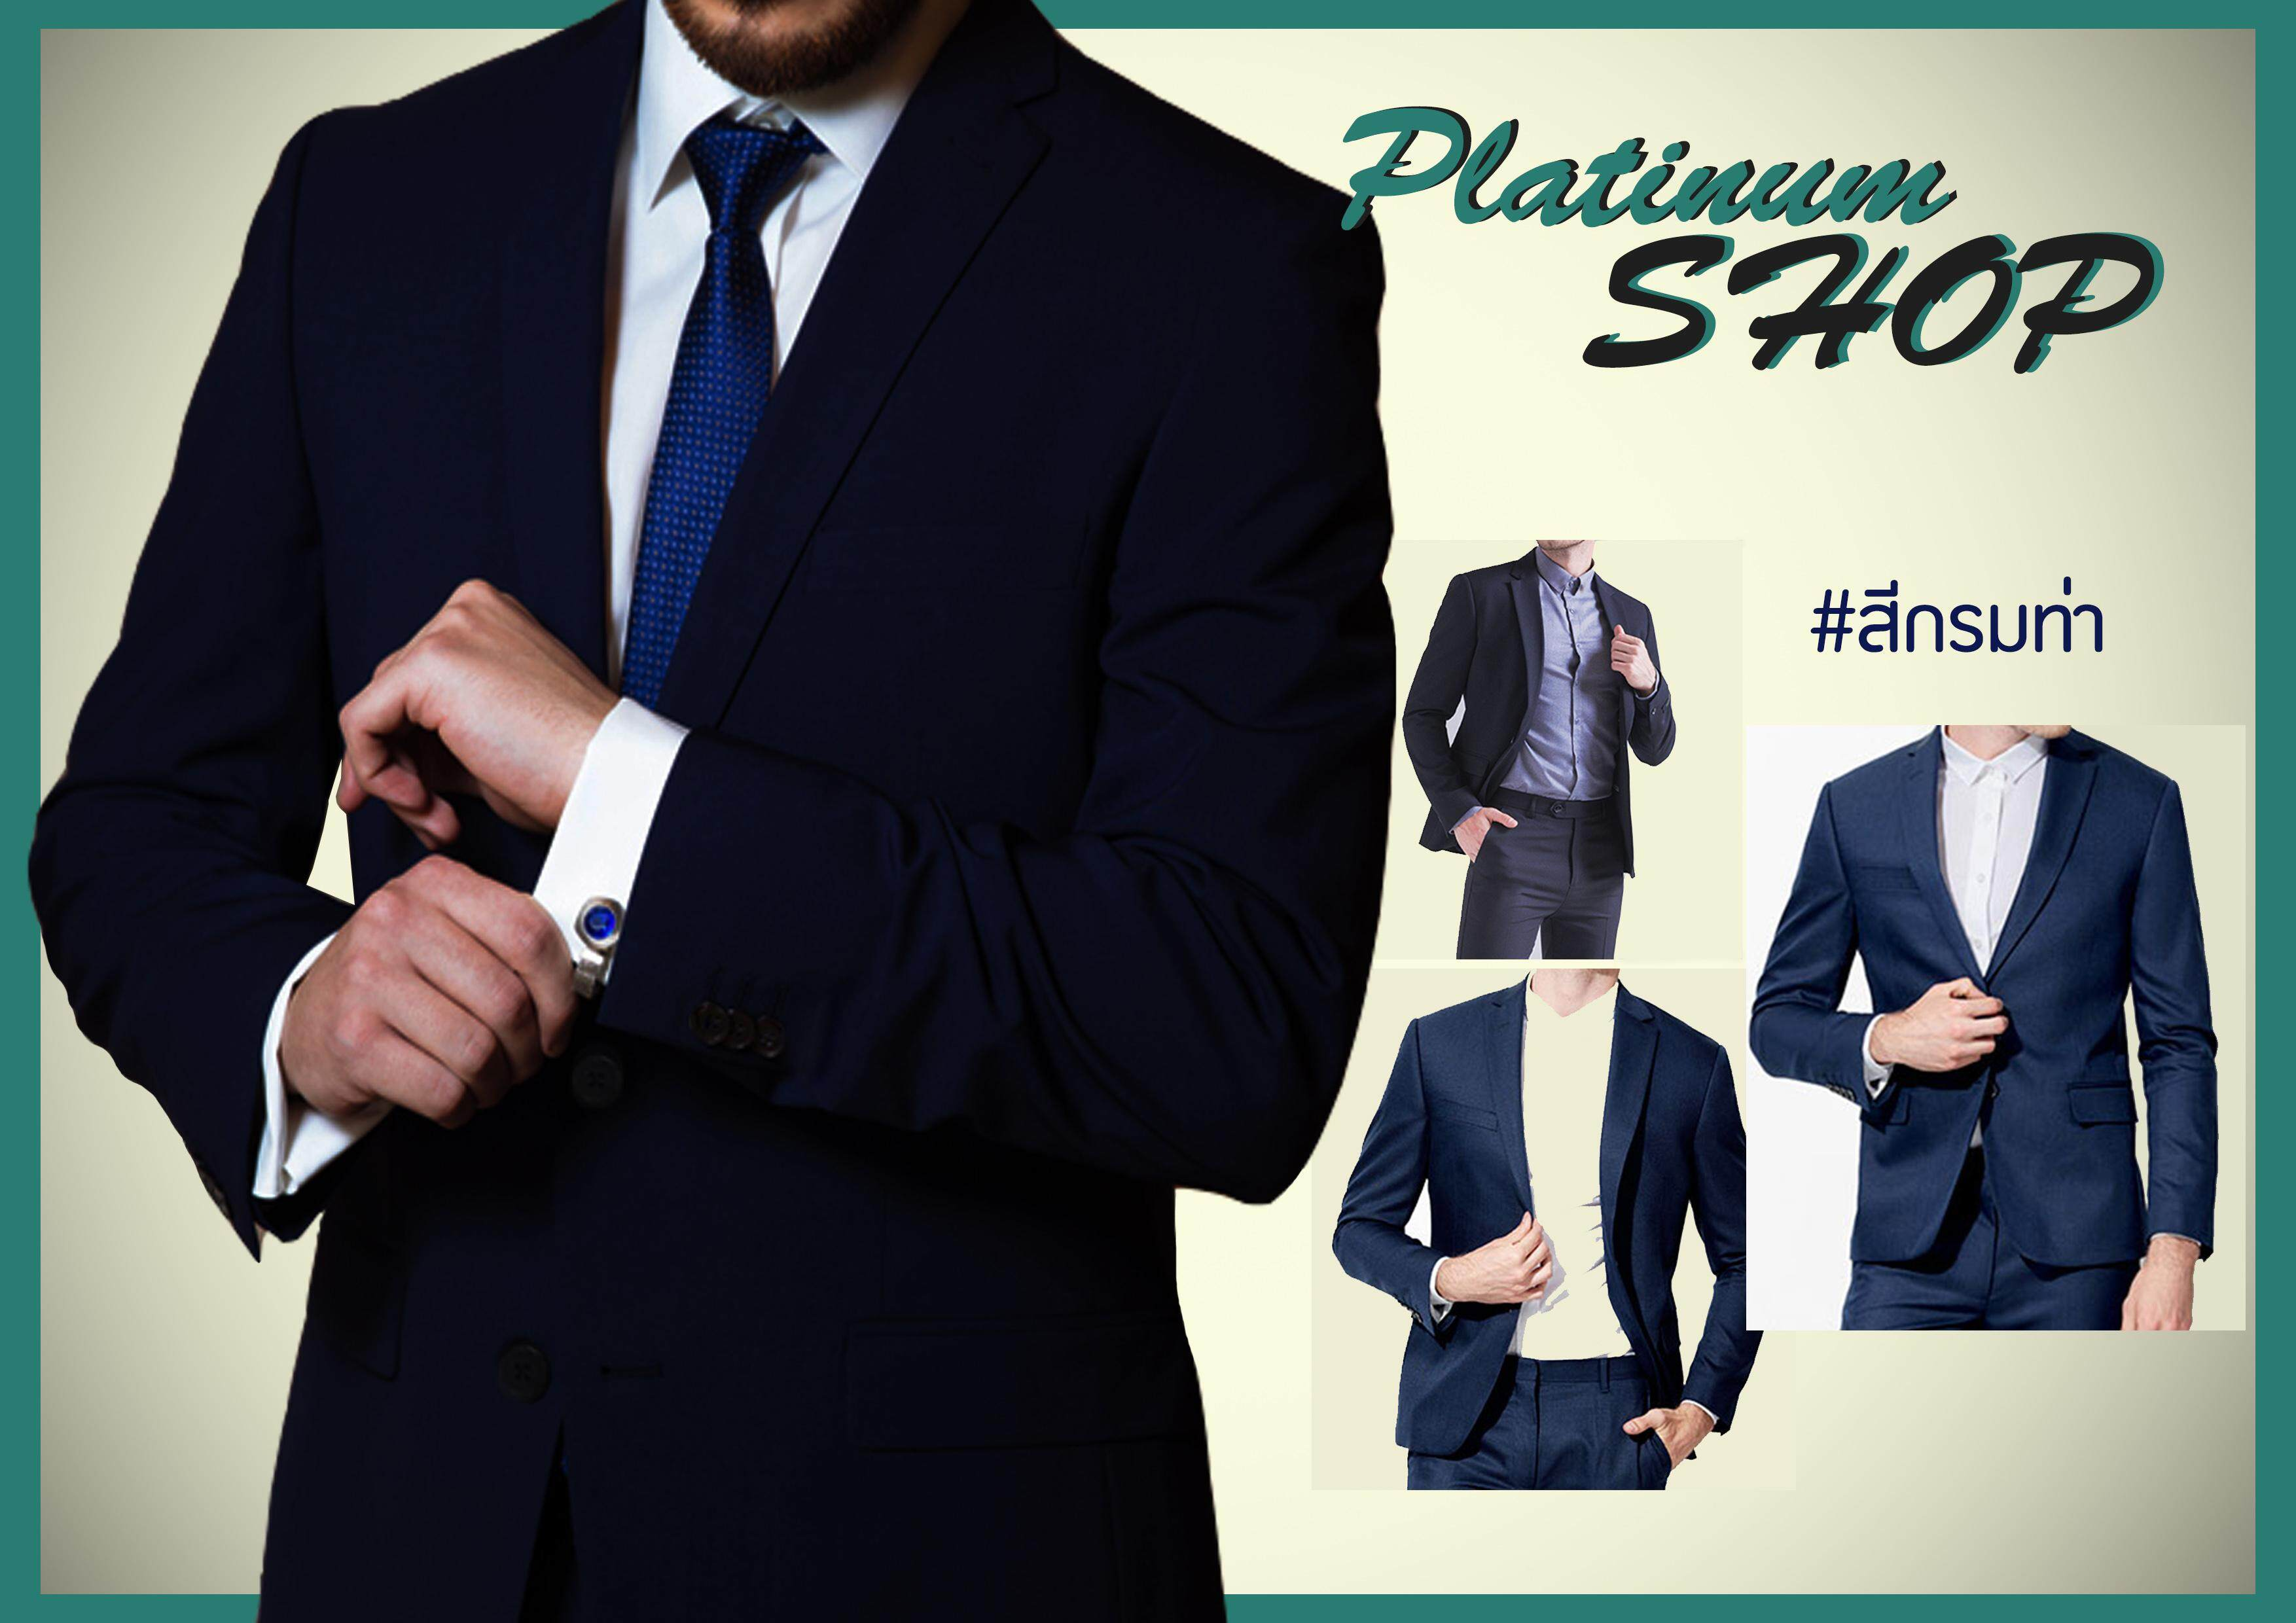 เสื้อสูทสีกรมท่า เสื้อสูทผู้ชาย เสื้อสูทใส่ทำงาน ใส่แฟชั่น เสื้อสูทเข้าพิธี เสื้อสูทออกงาน สีกรมท่า เนื้อผ้าดี ราคาส่งจากโรงงาน